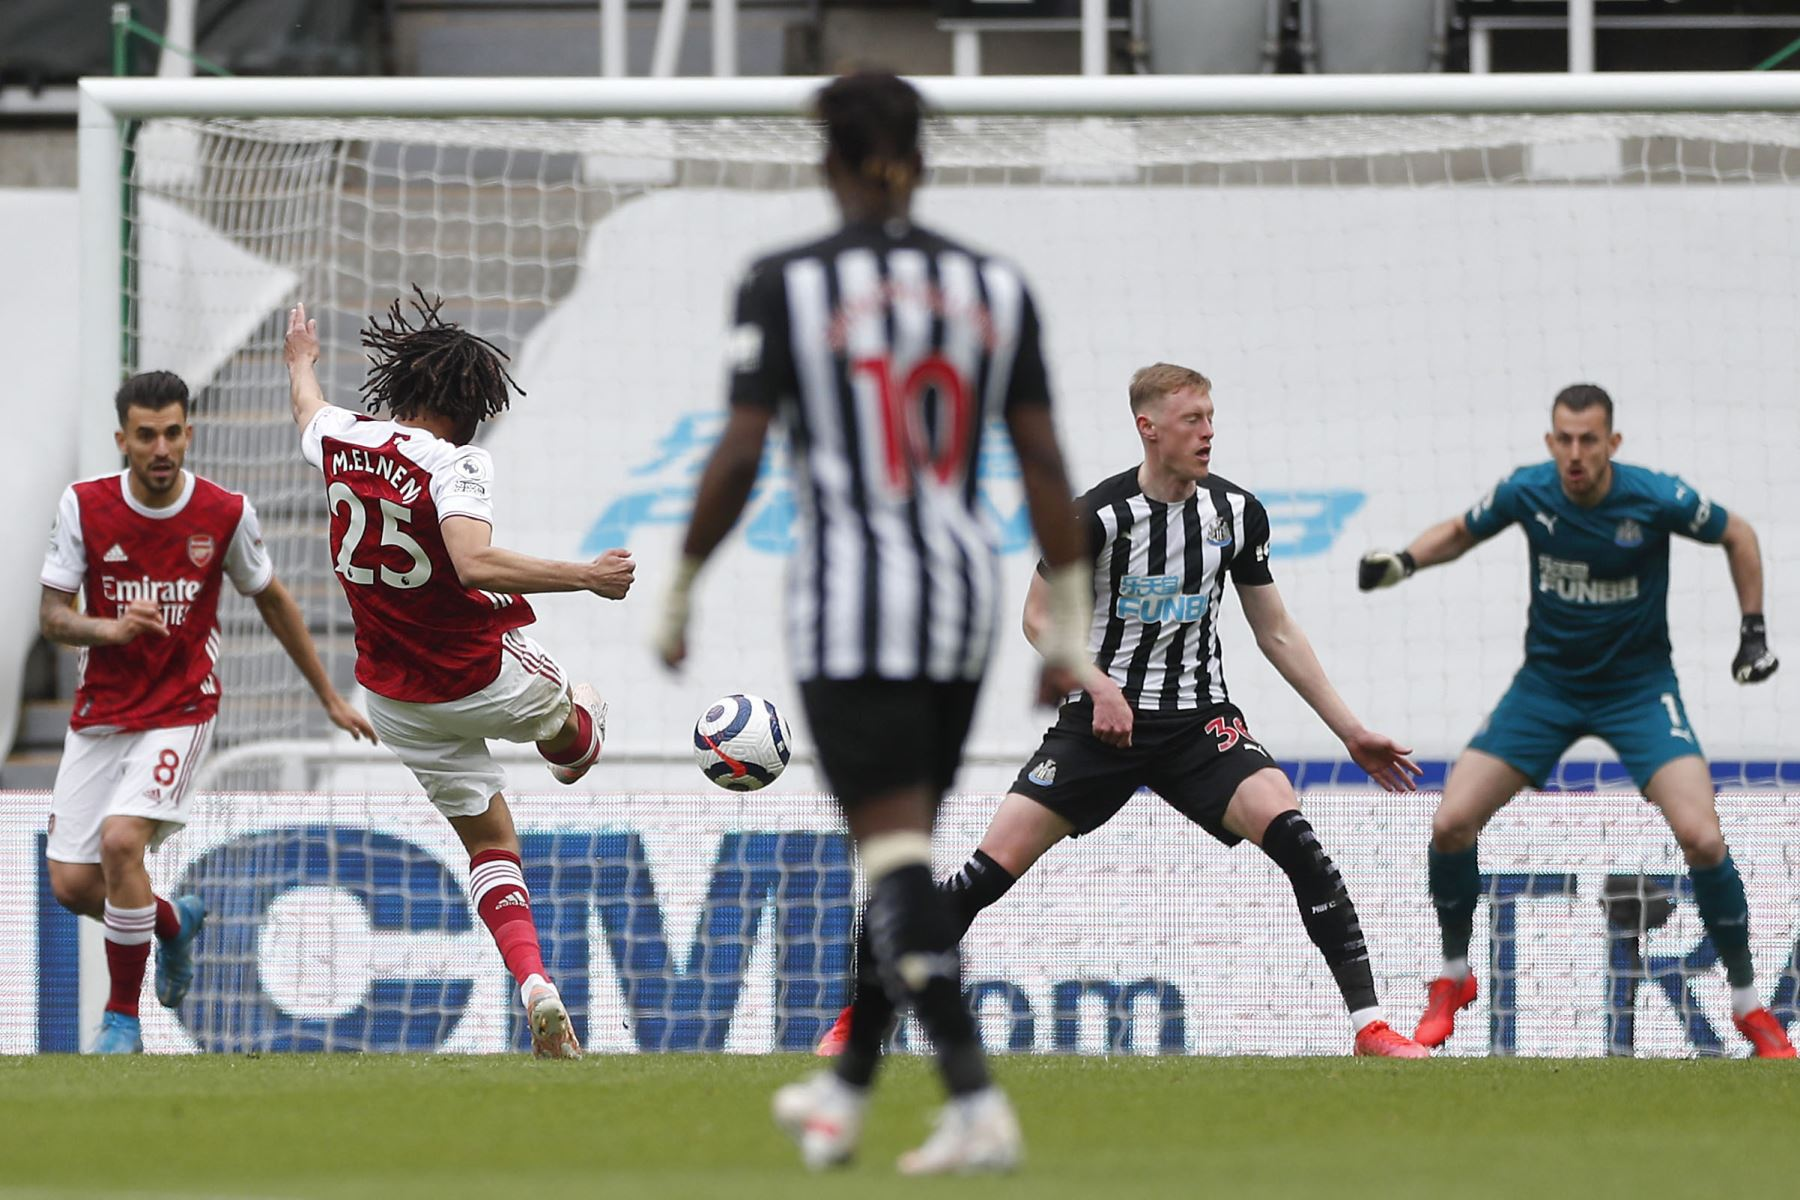 El mediocampista egipcio del Arsenal Mohamed Elneny  anota el primer gol de su equipo durante el partido de fútbol de la Premier League inglesa entre el Newcastle United y el Arsenal. Foto: AFP